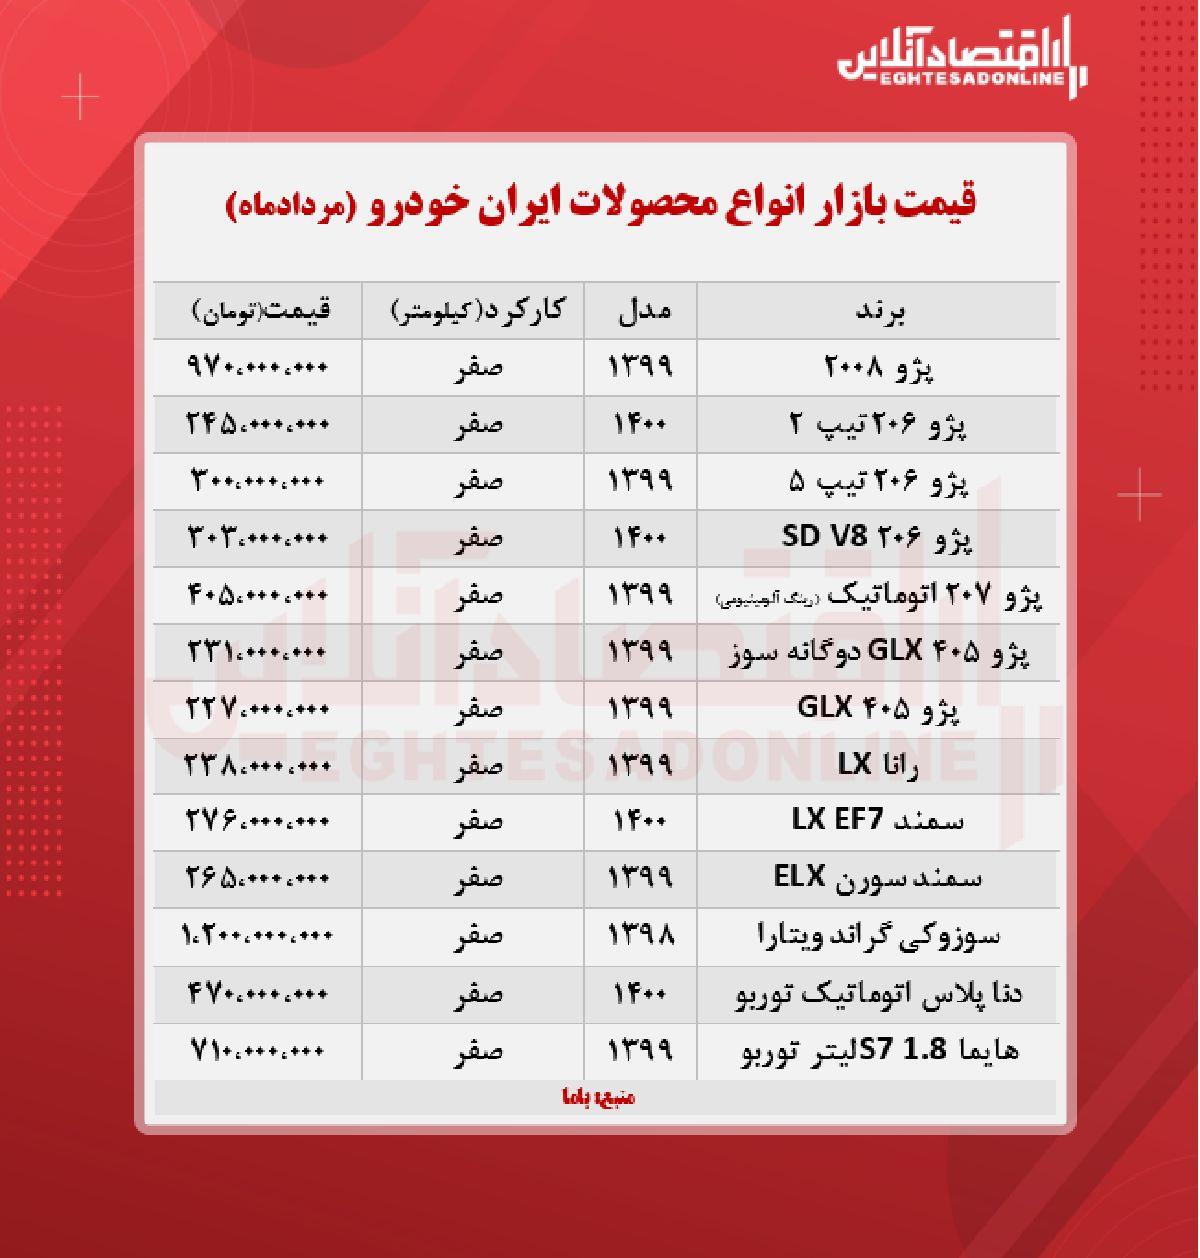 قیمت محصولات ایران خودرو امروز ۱۴۰۰/۵/۲۹